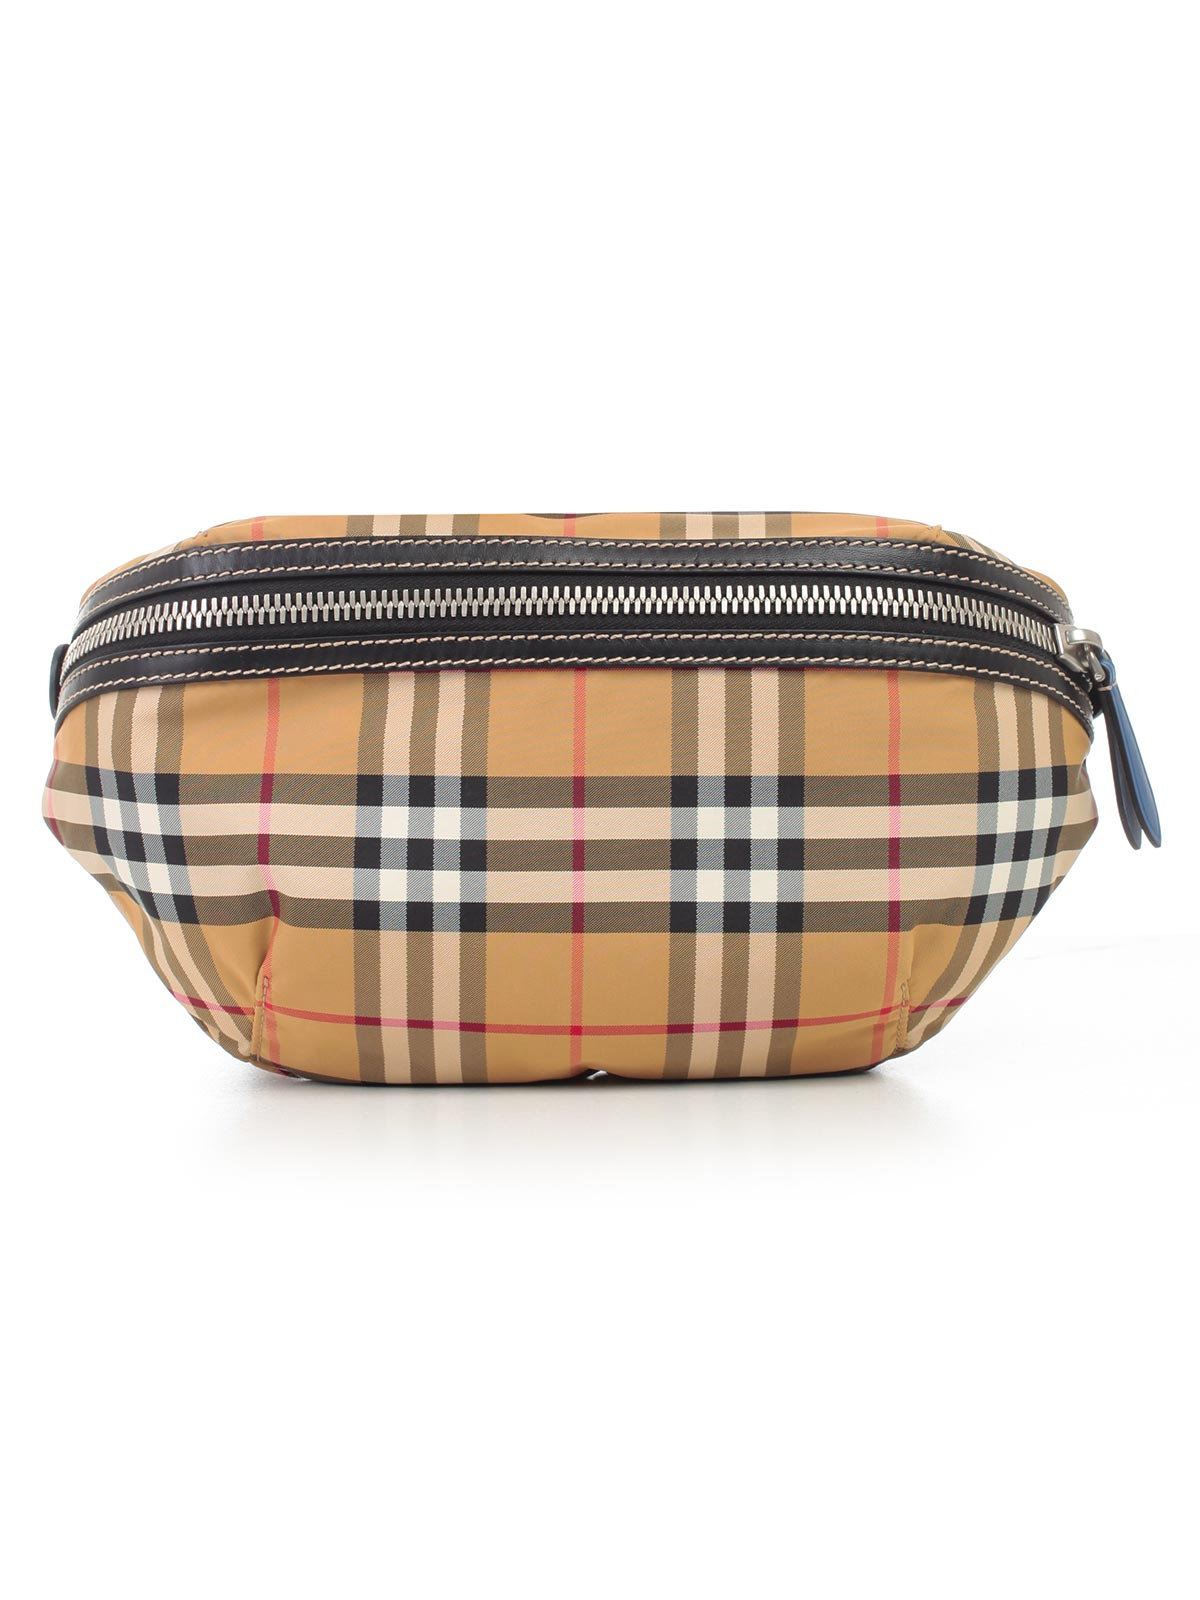 e273e51f63cf Burberry Bags 8005521 - A5373 ANTIQUE YELLOW.Bernardelli Store ...